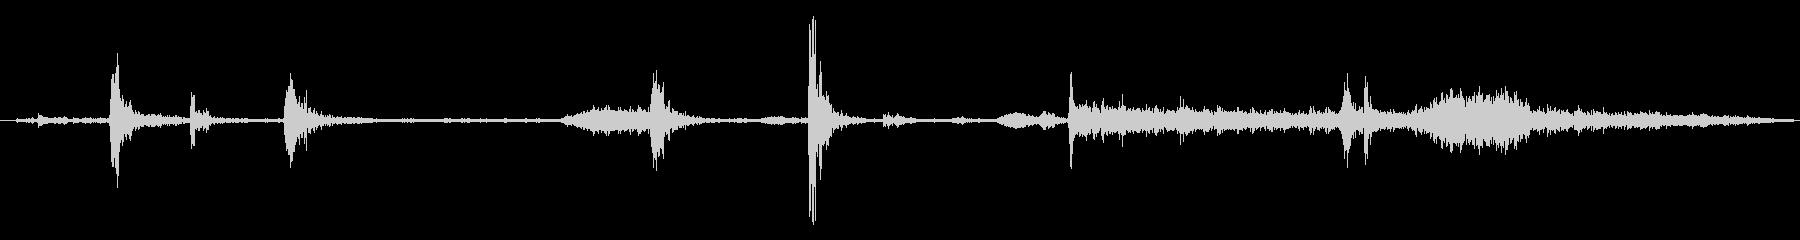 ダンプトラックダンプの未再生の波形